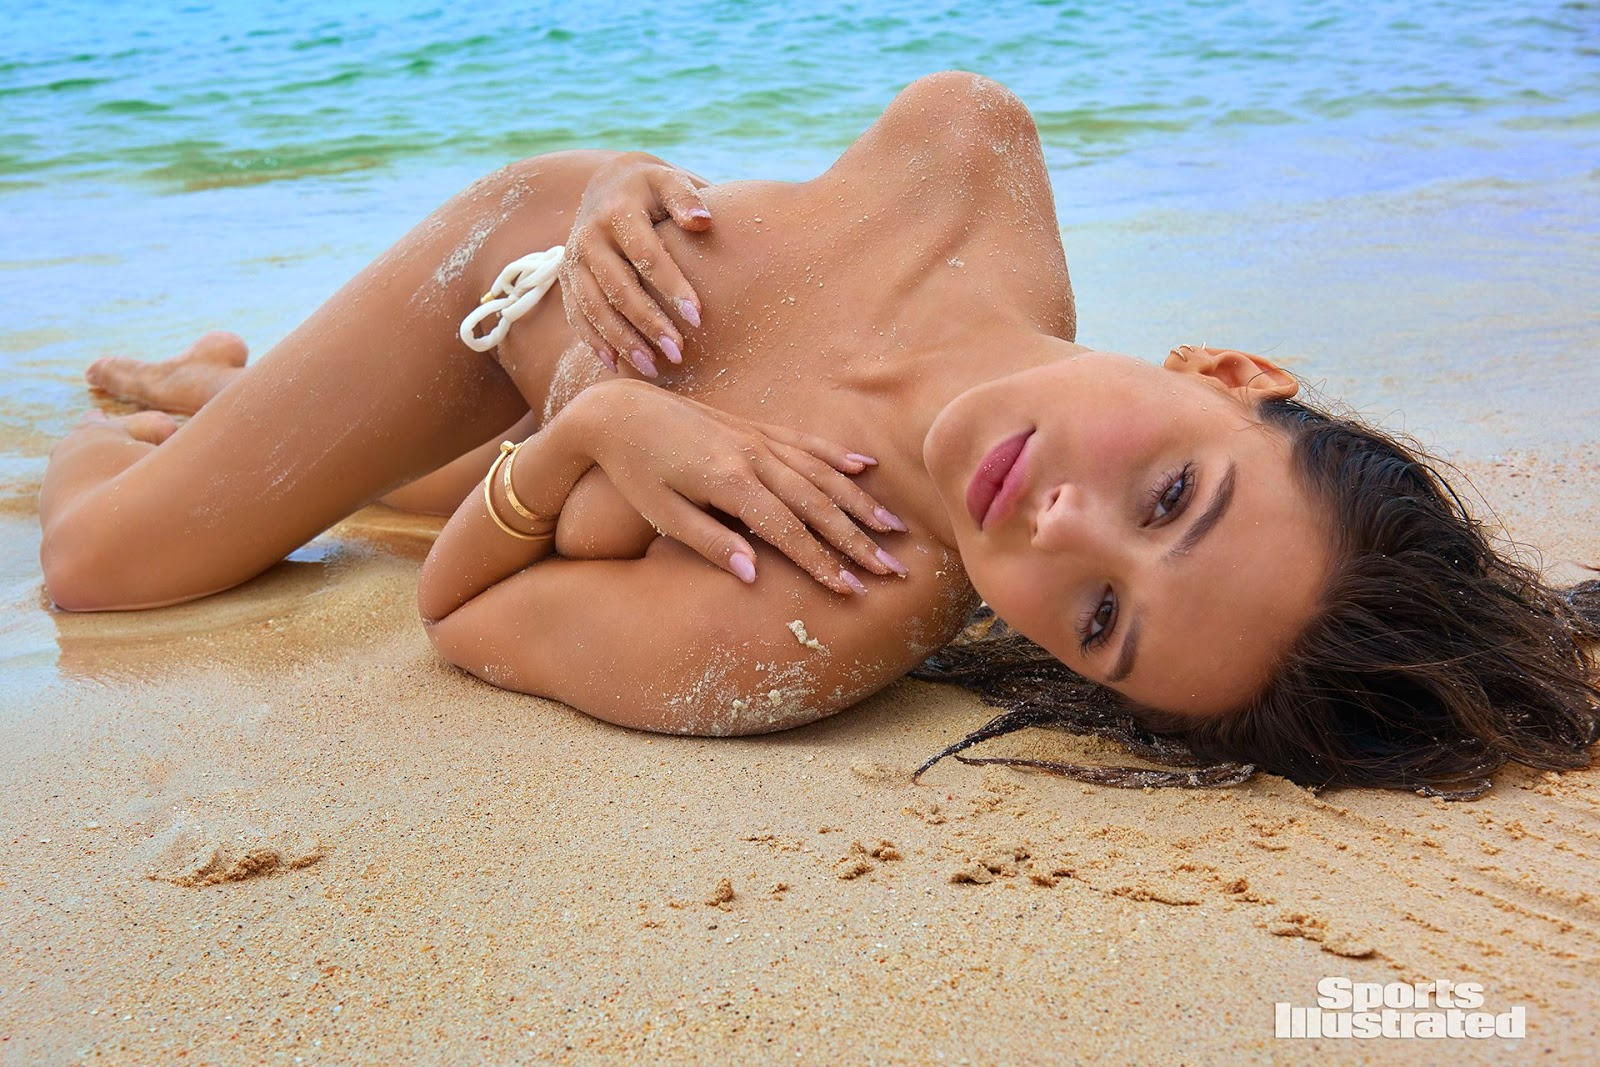 Mature italian women nude sex